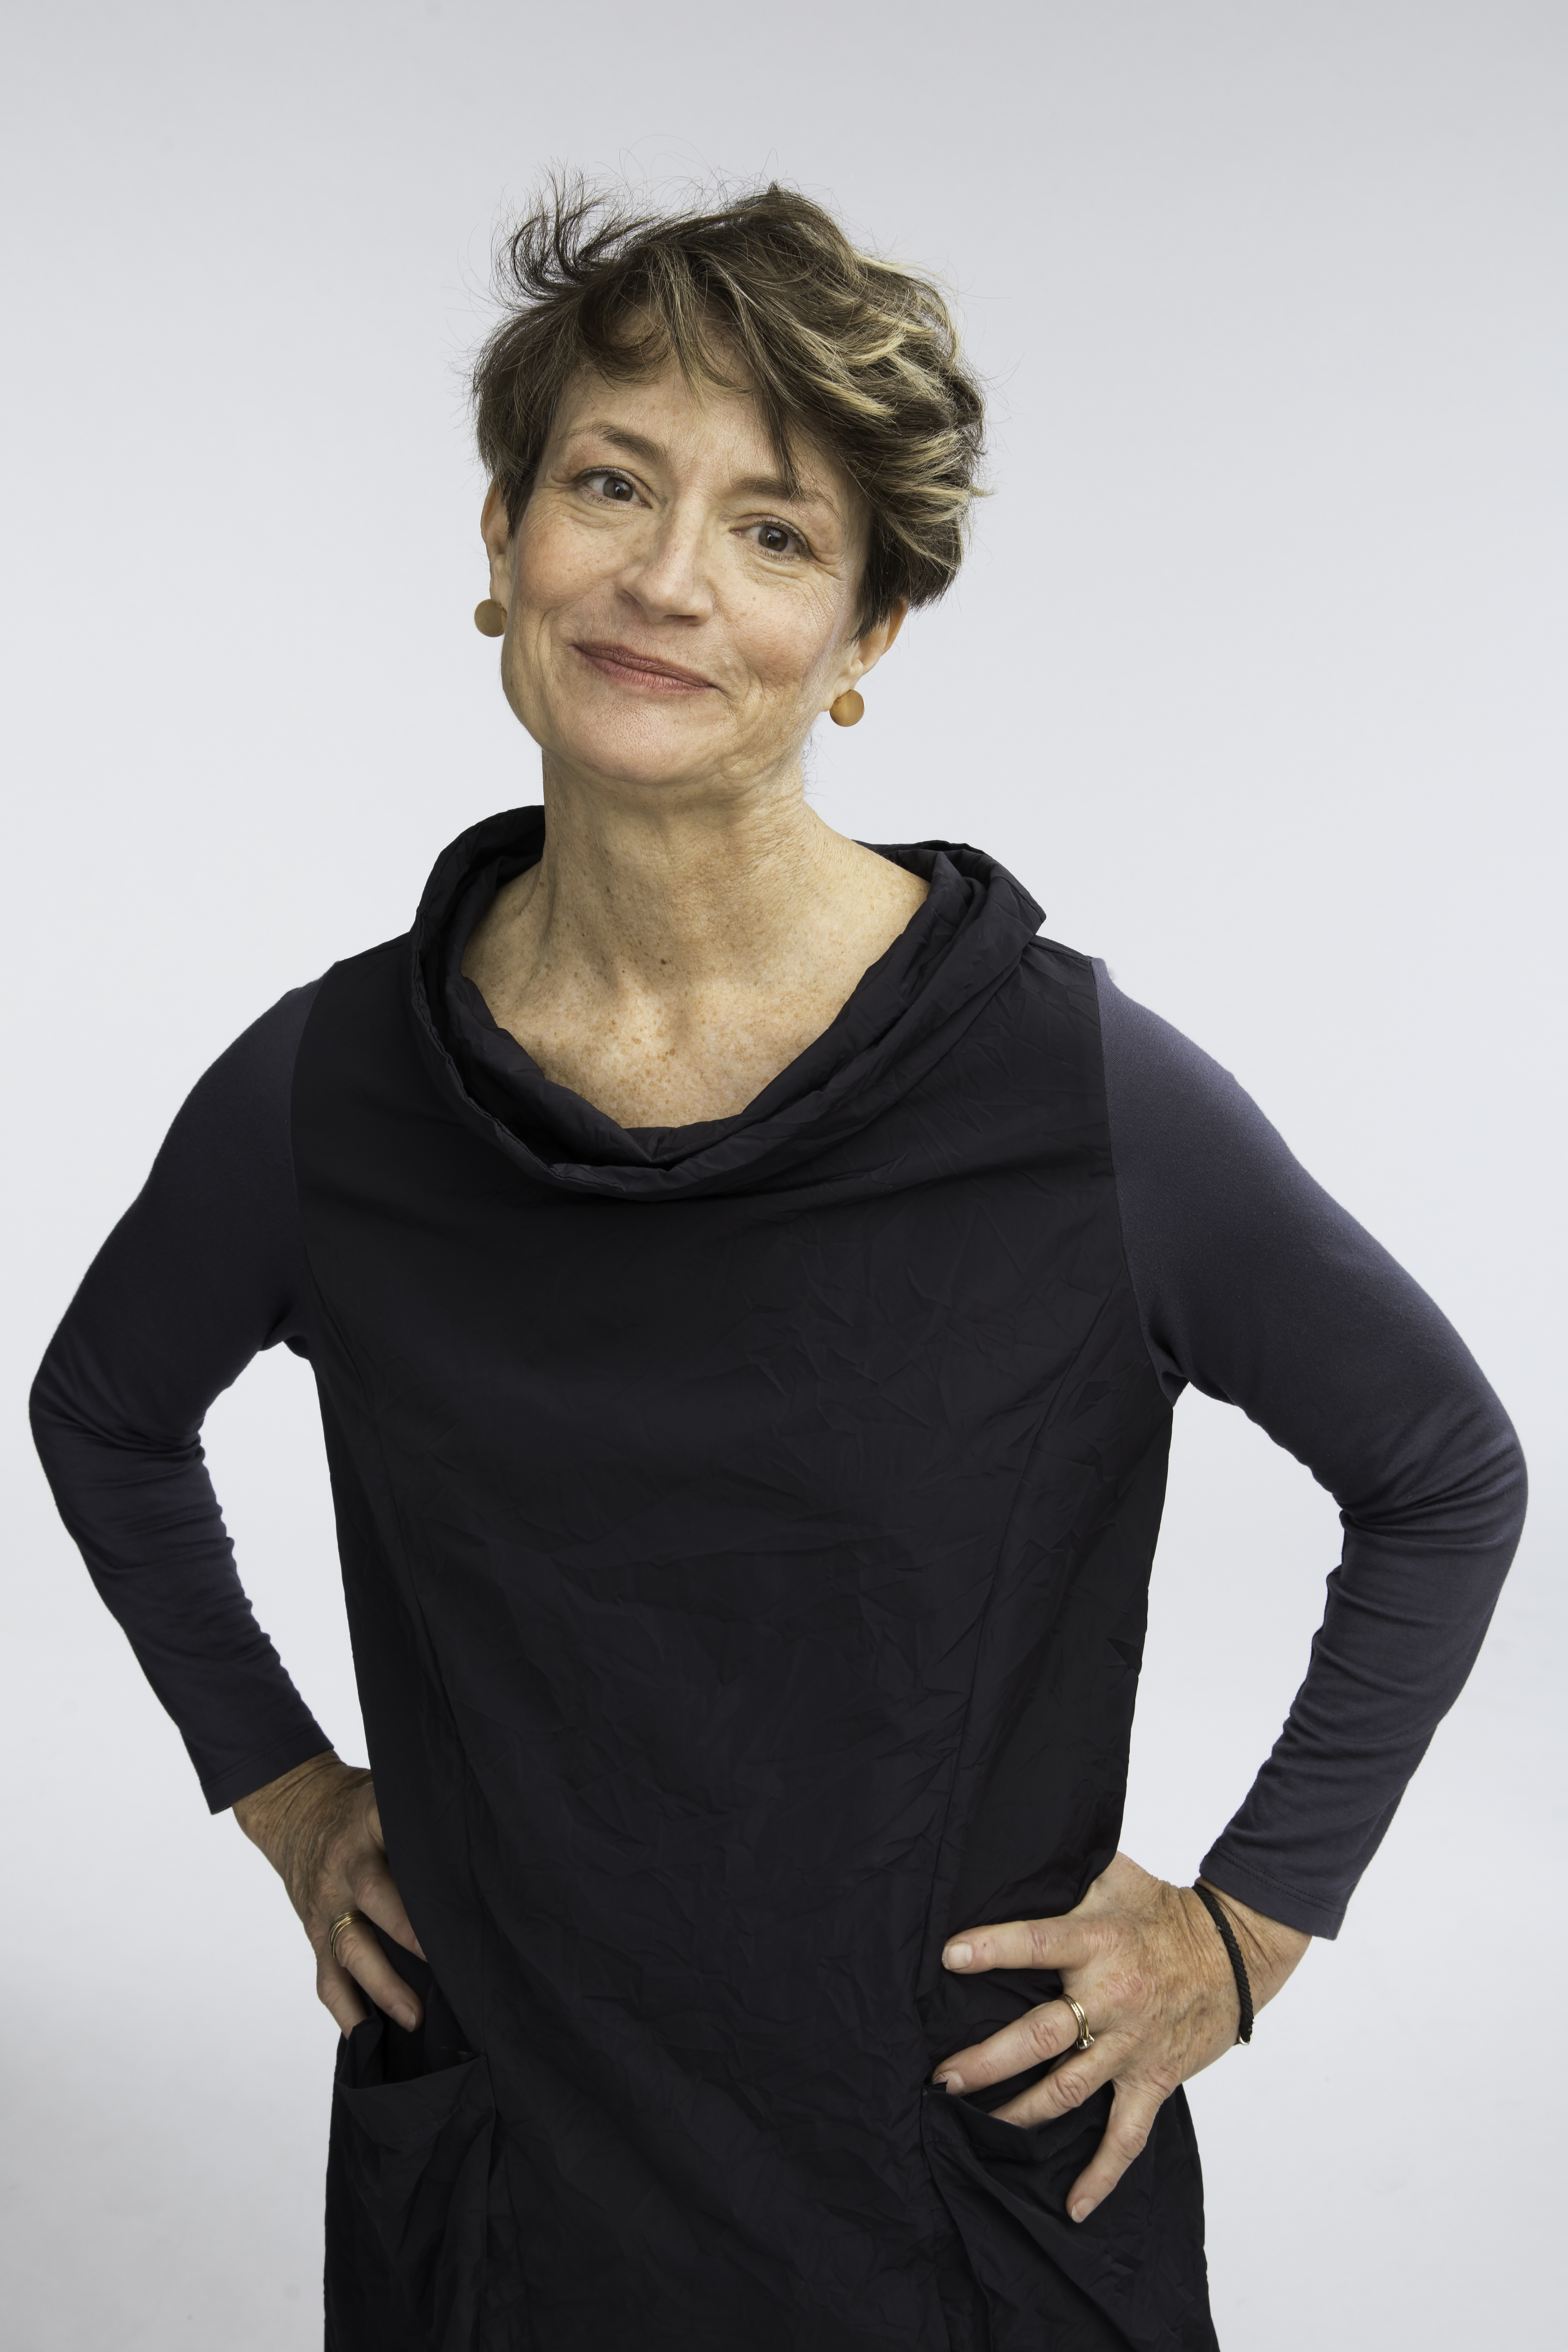 Ashton Applewhite, author of This Chair Rocks: A Manifesto Against Ageism